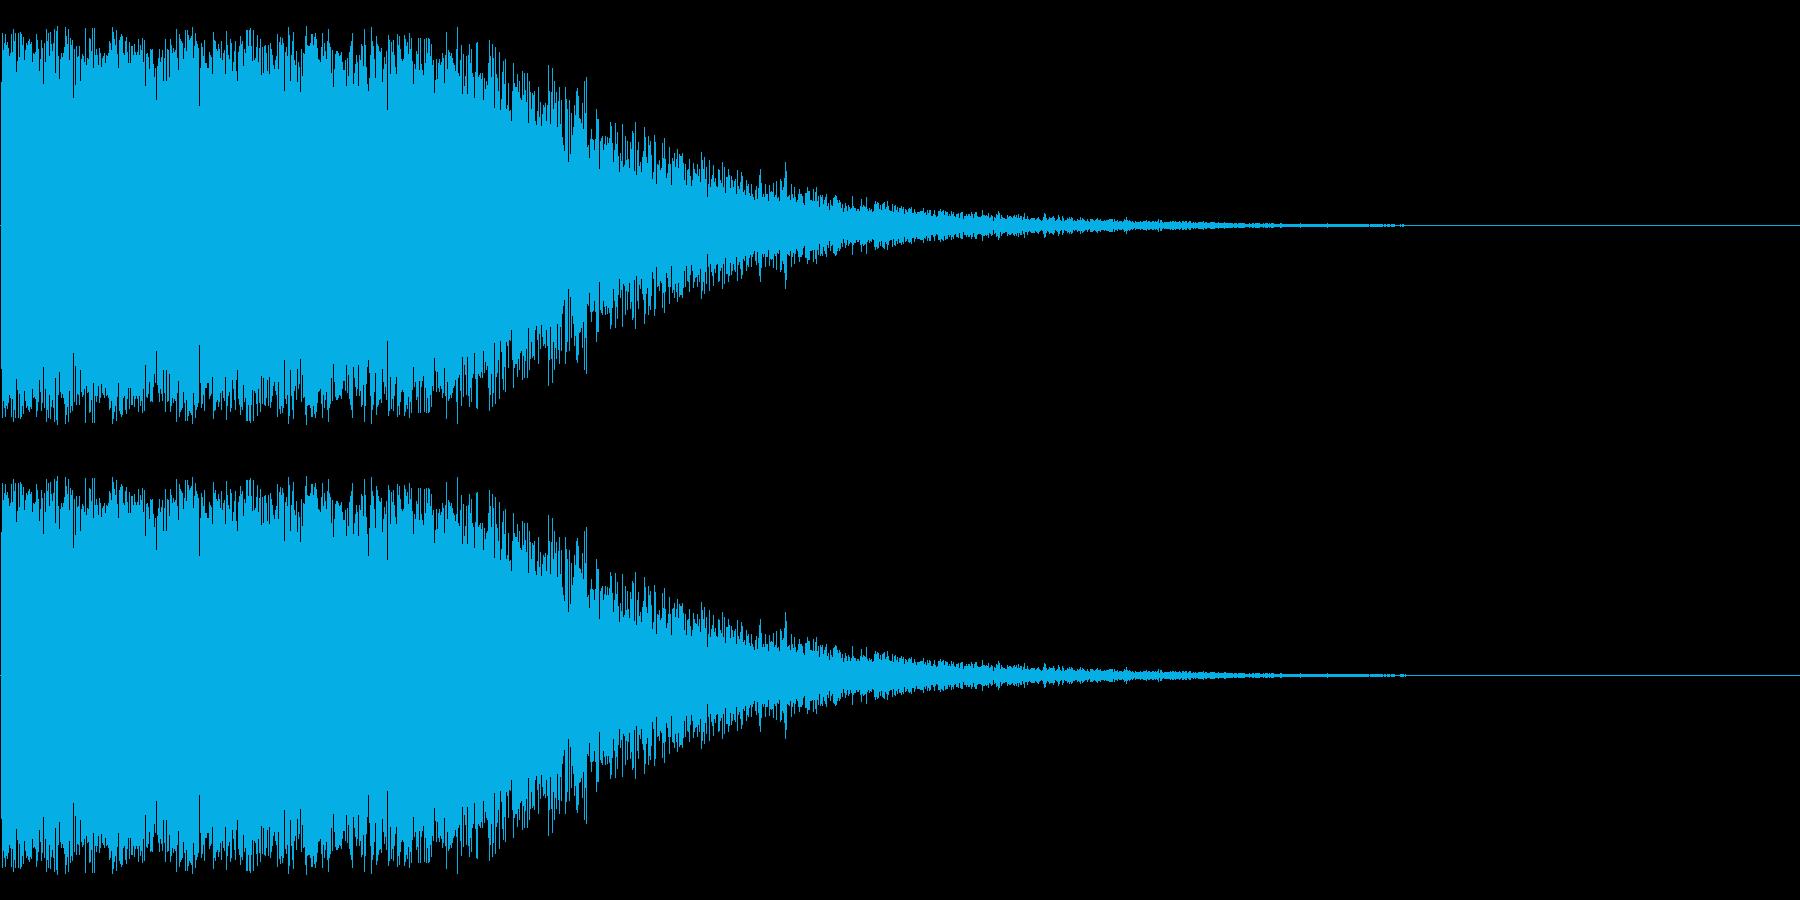 特撮にありそうな爆発音の再生済みの波形